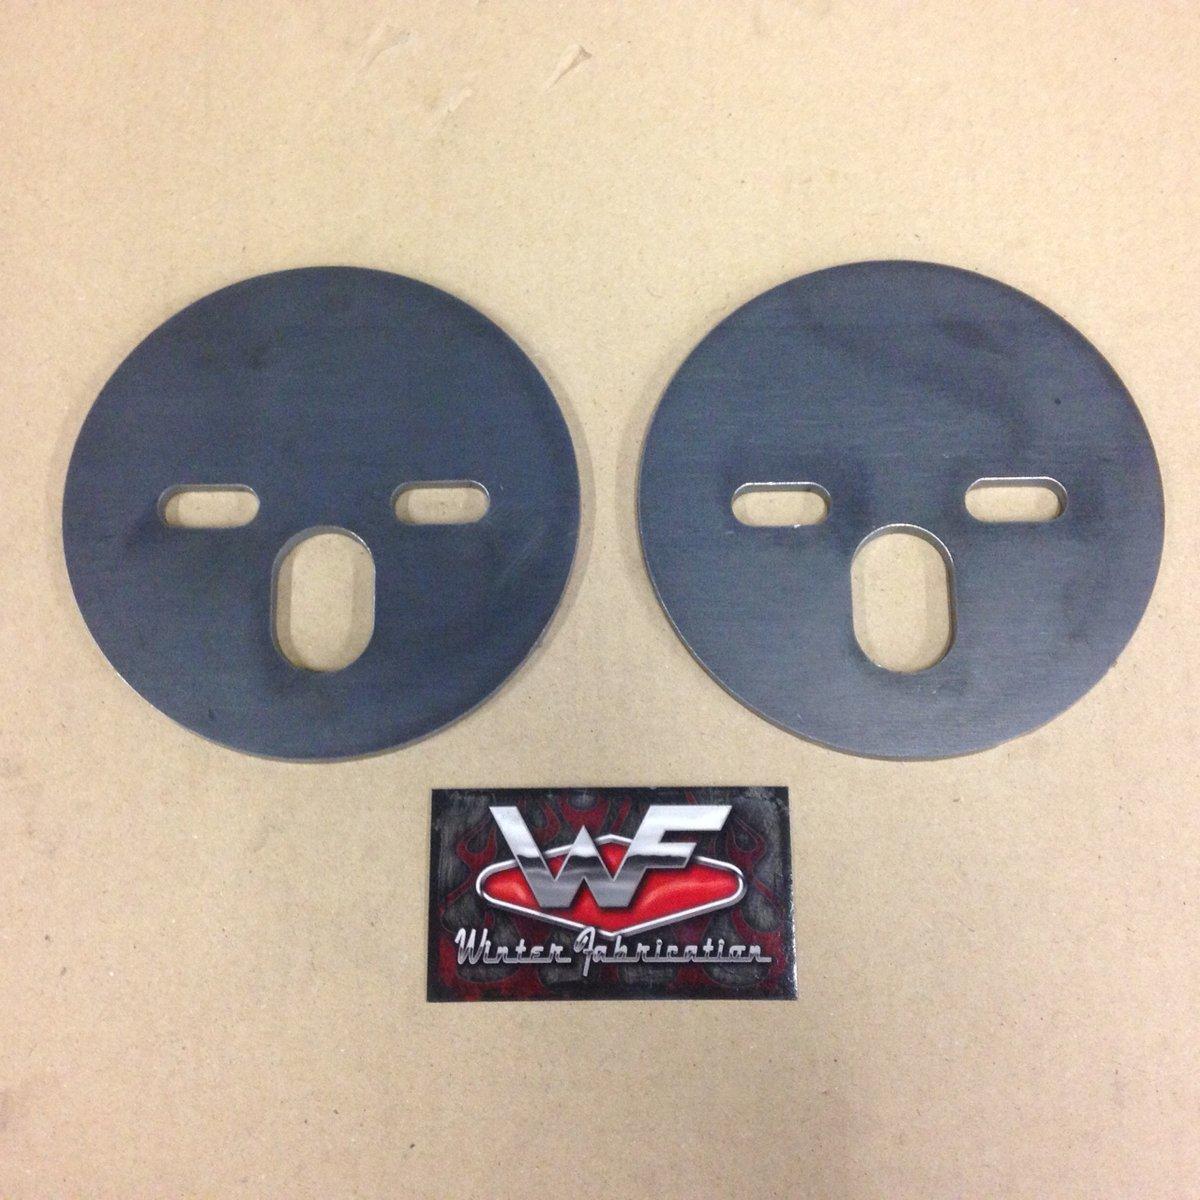 Image of Universal Single Port Bag Circle Plates